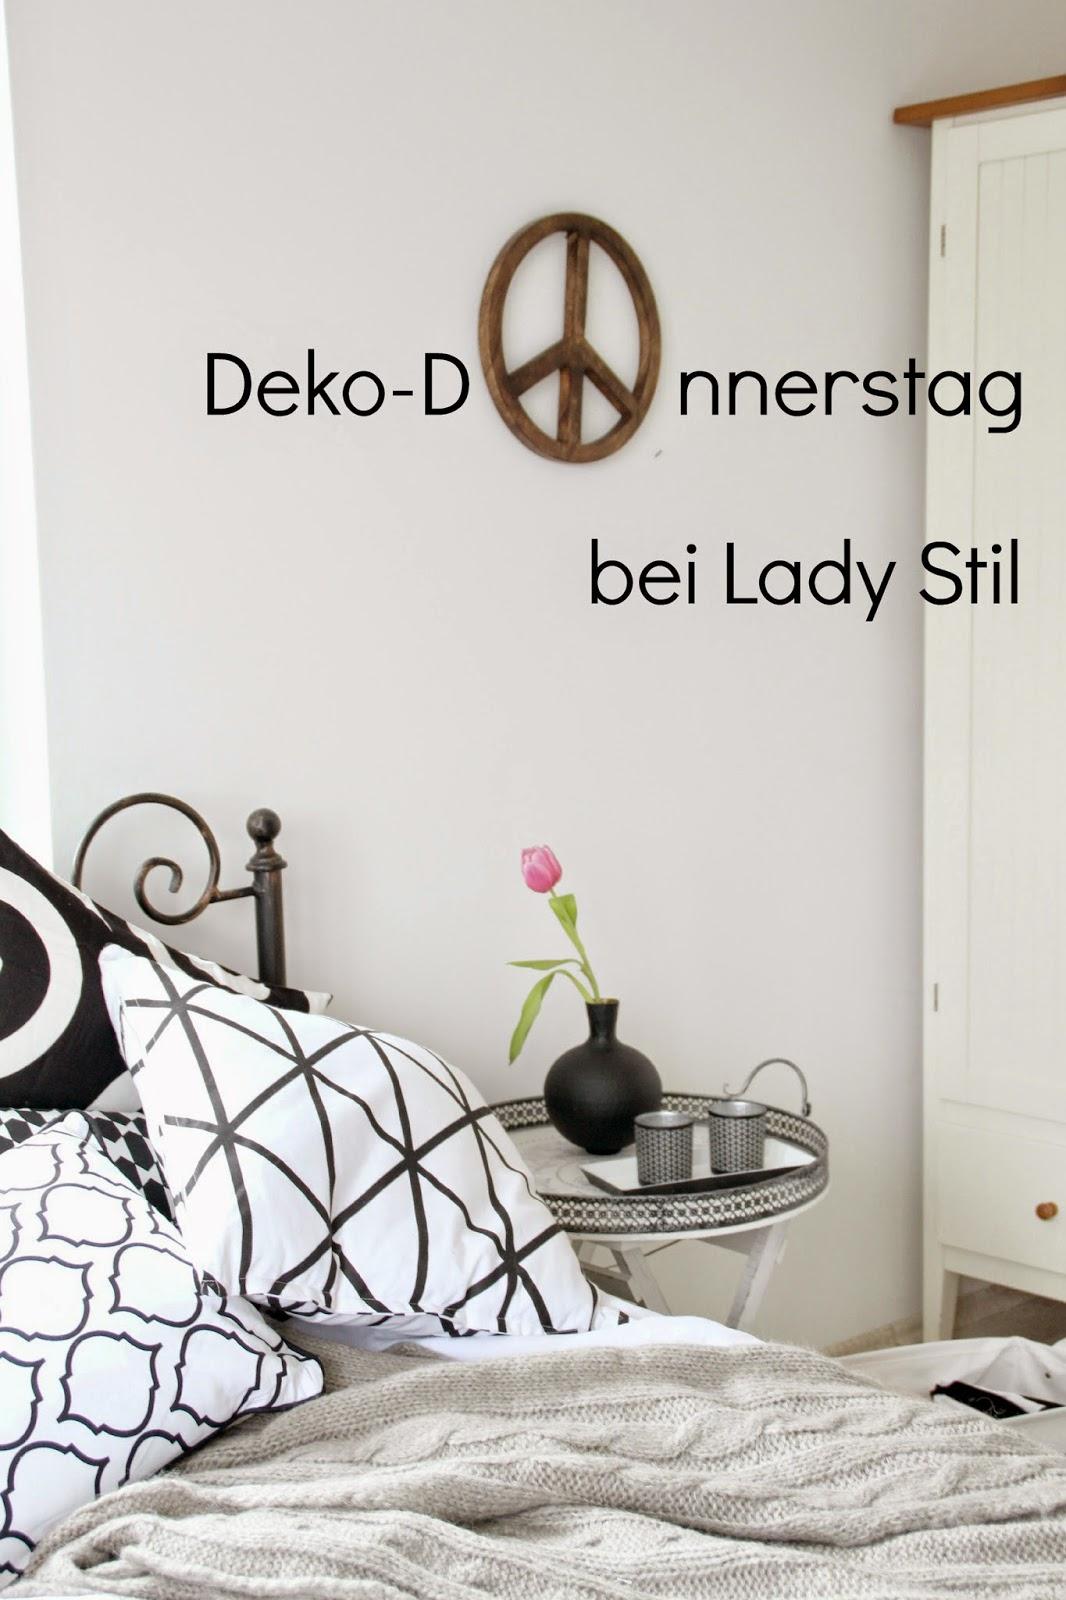 nächster Deko-Donnerstag 13.04